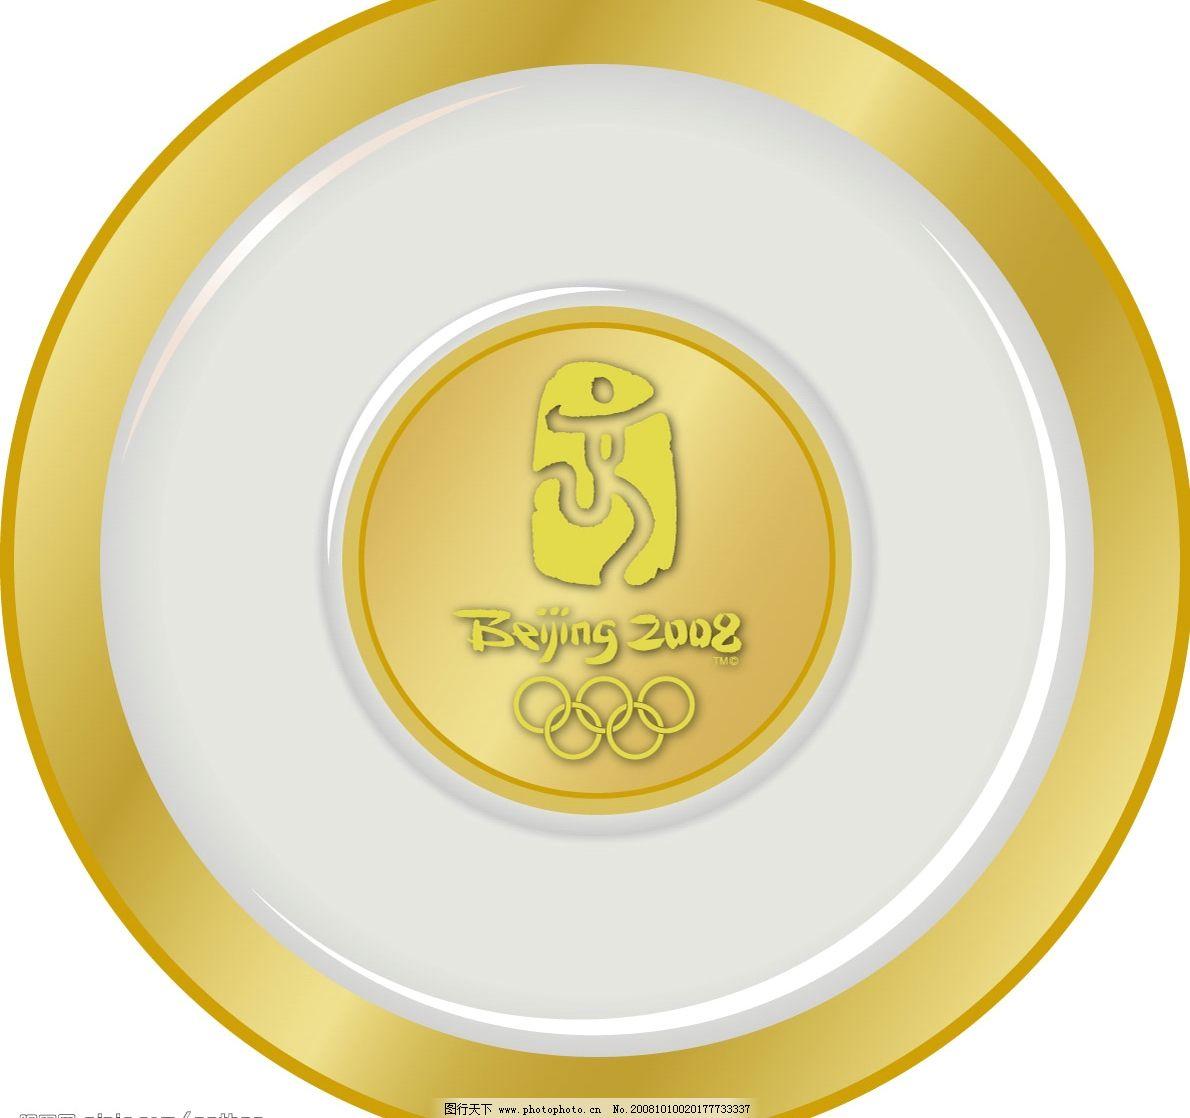 金镶玉 矢量图 2008 奖牌